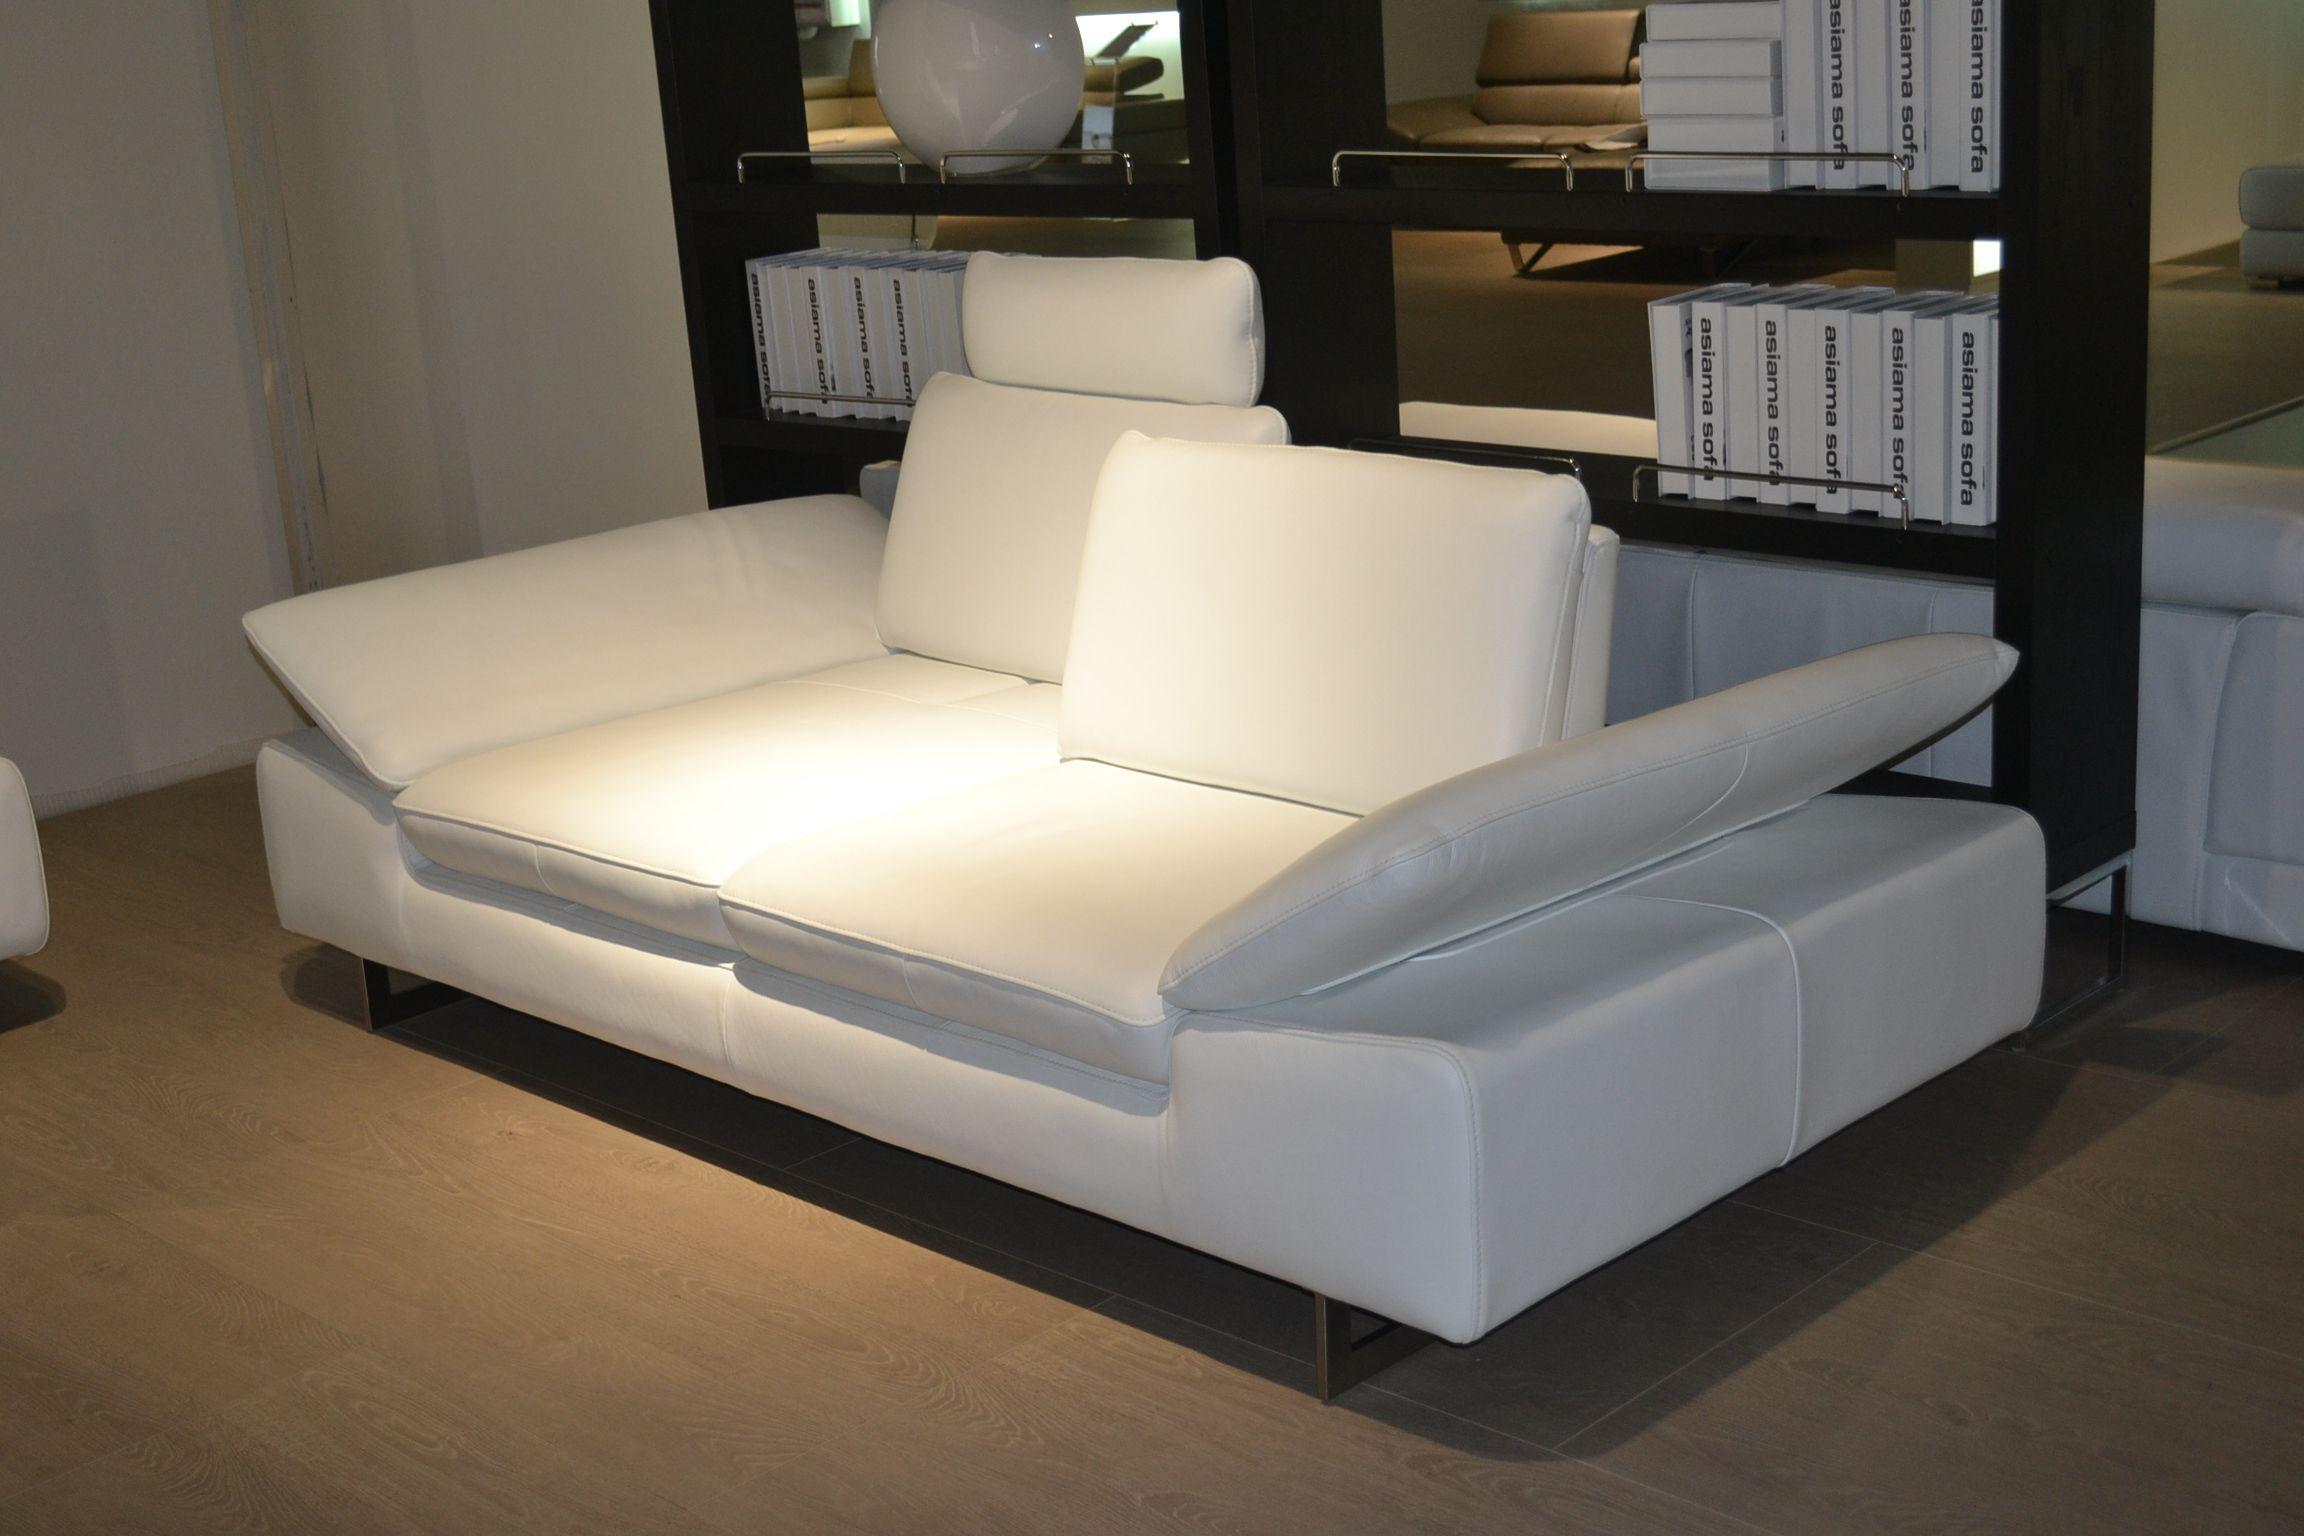 sofa picture